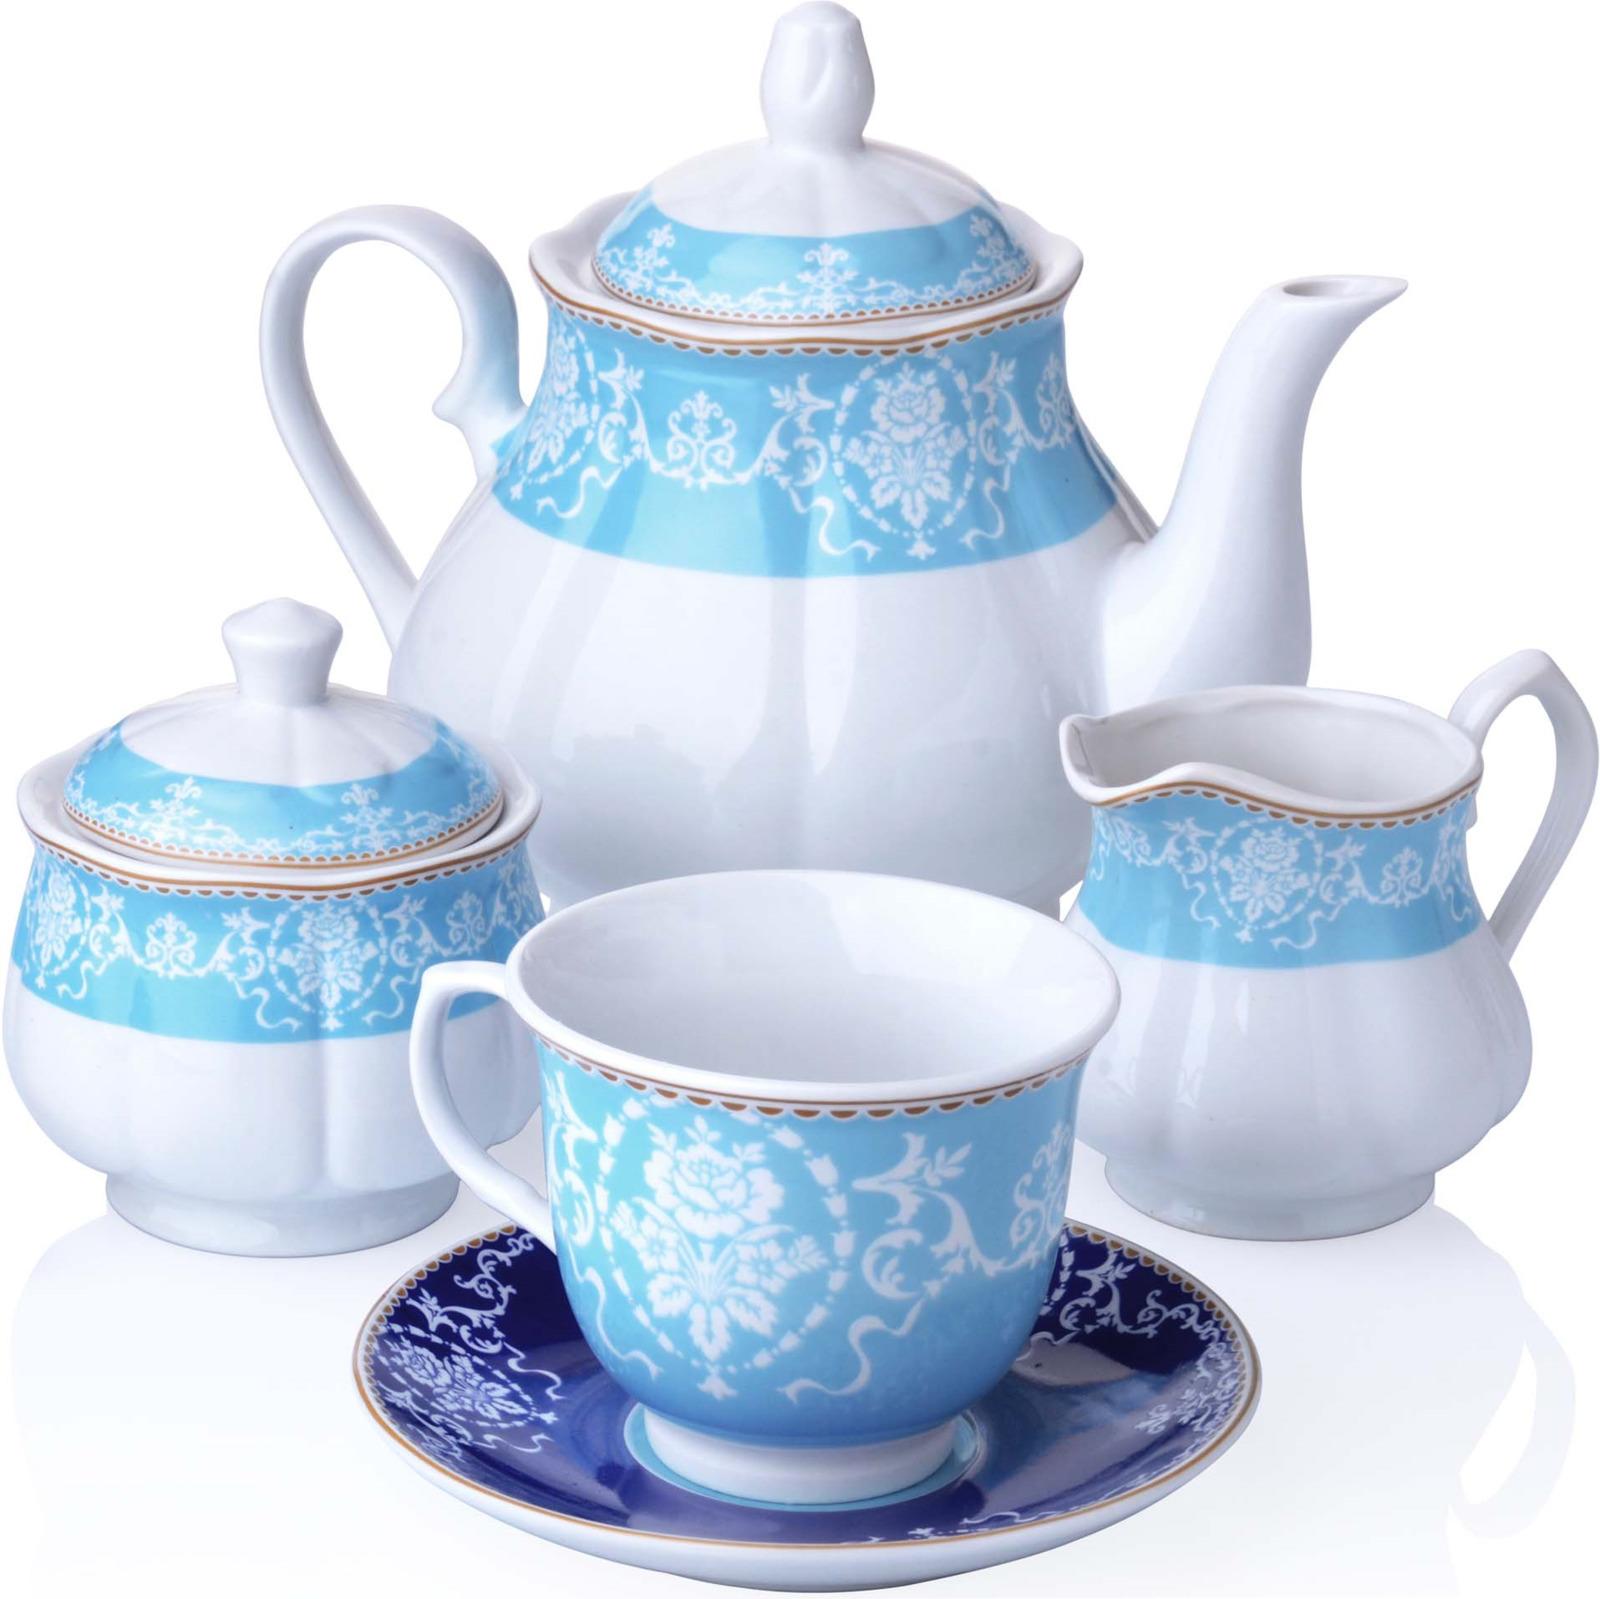 Сервиз чайный Loraine, цвет: голубой, красный, белый, 15 предметов. у4013